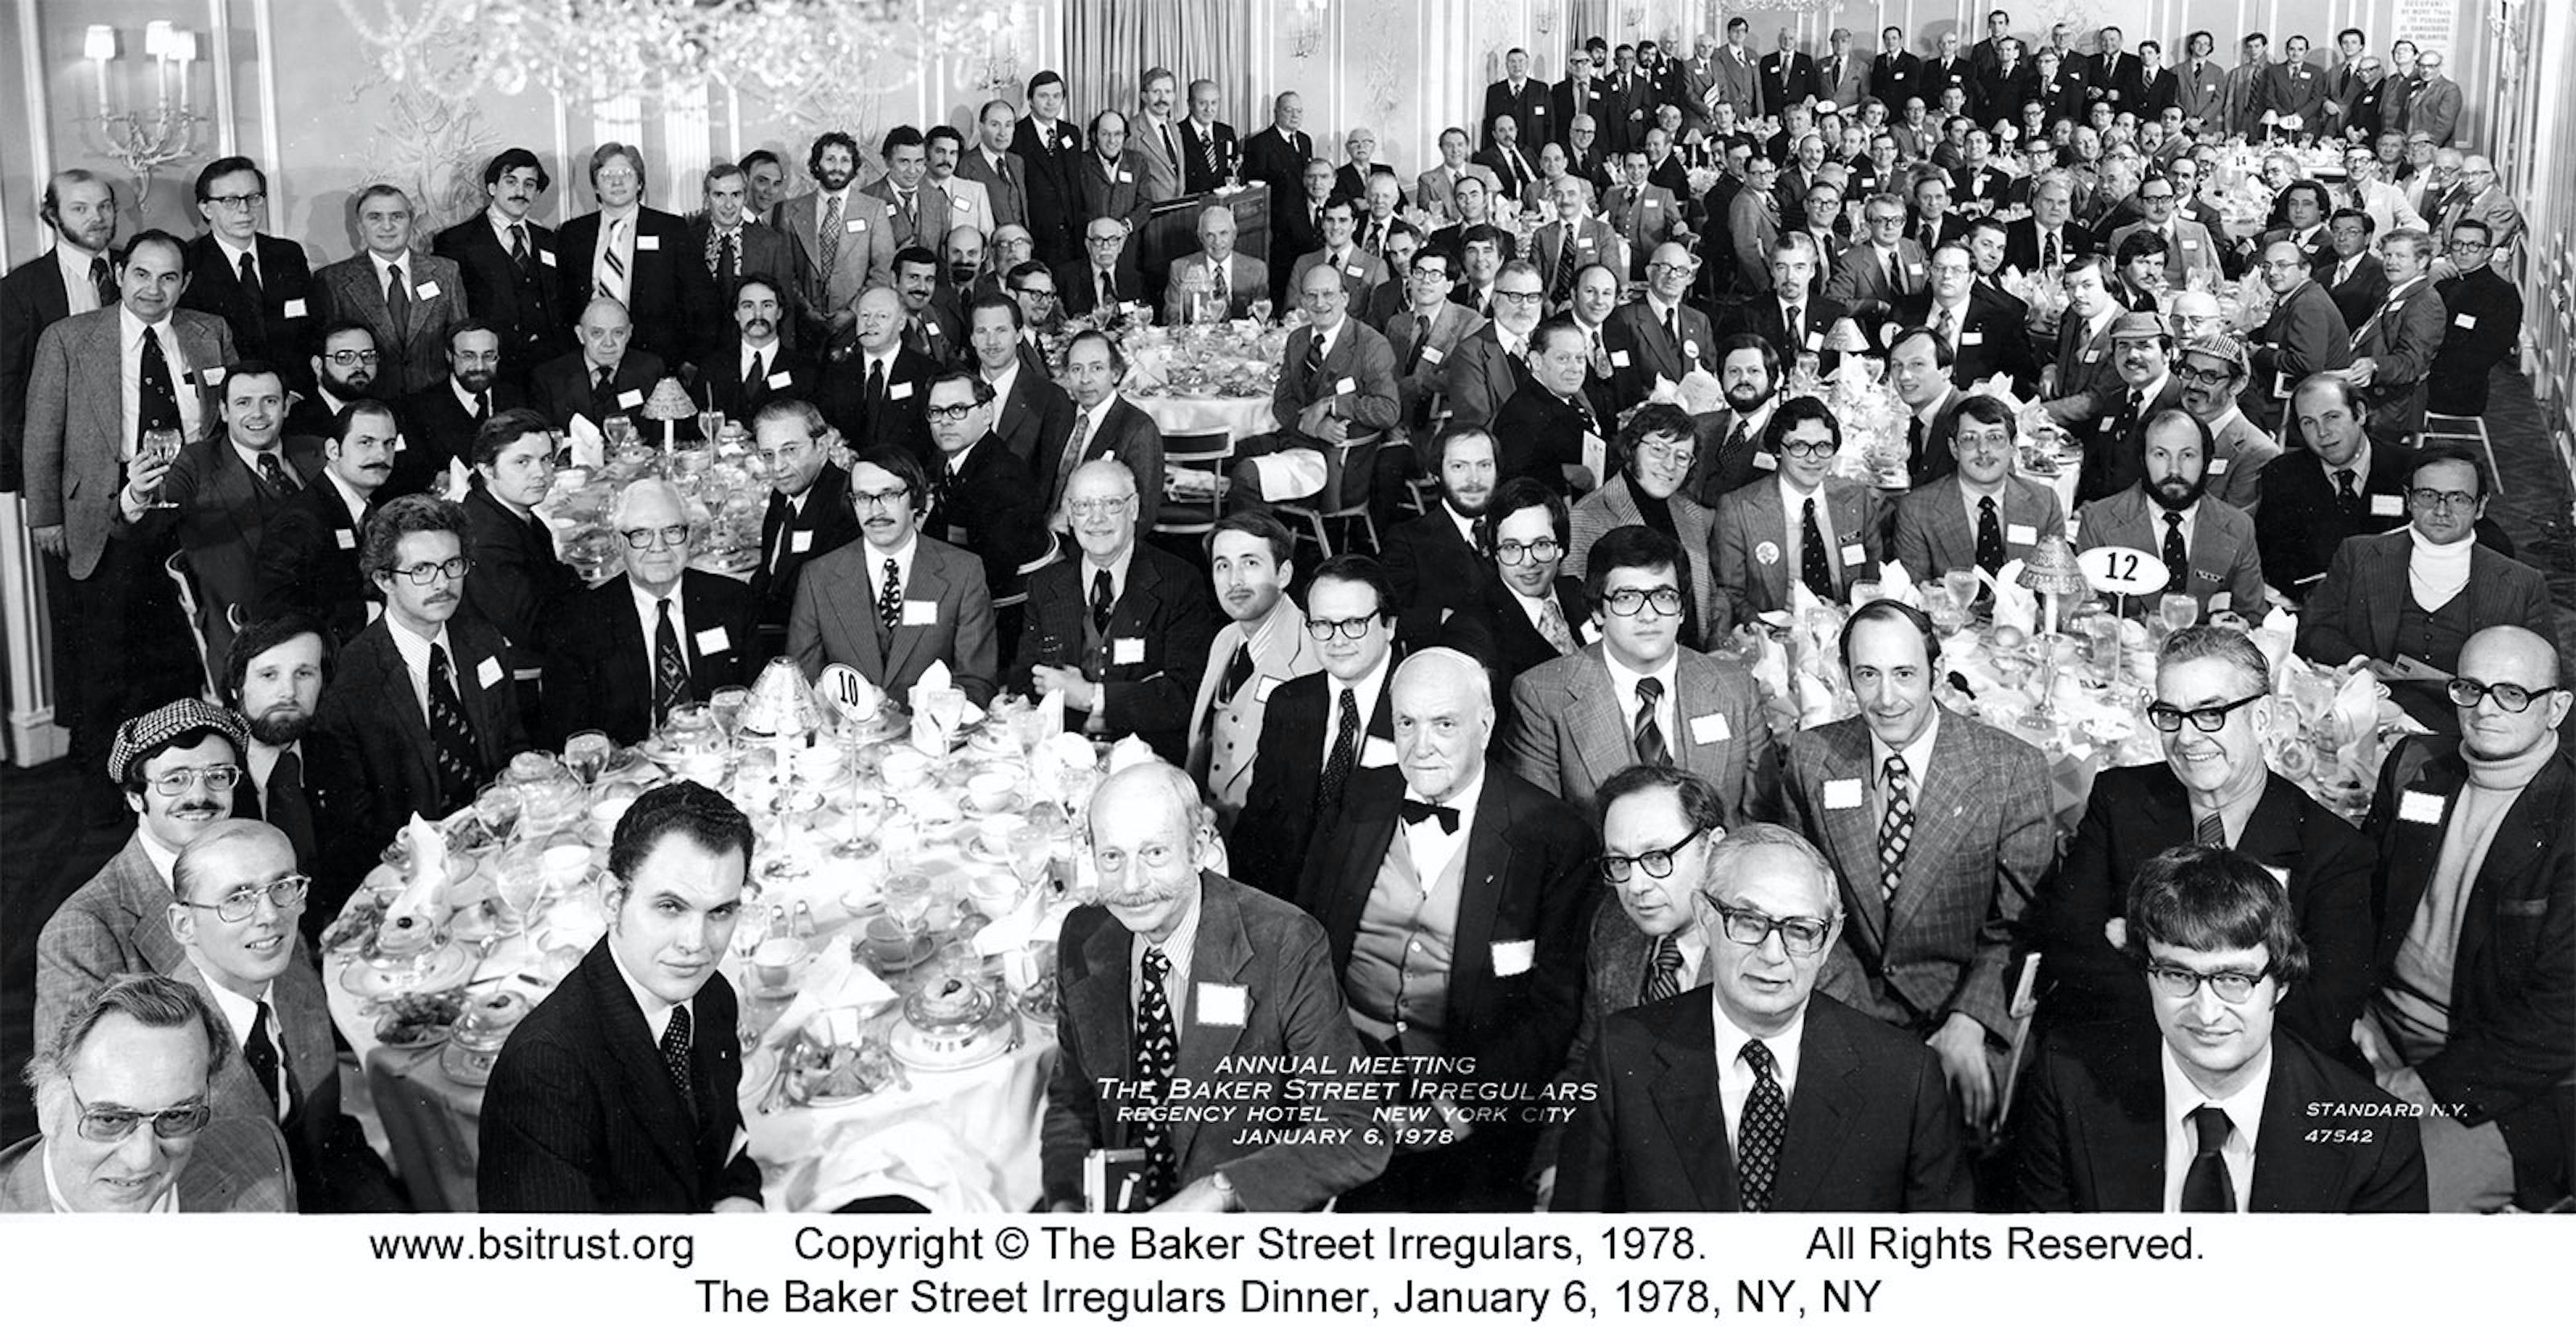 The BSI in 1978